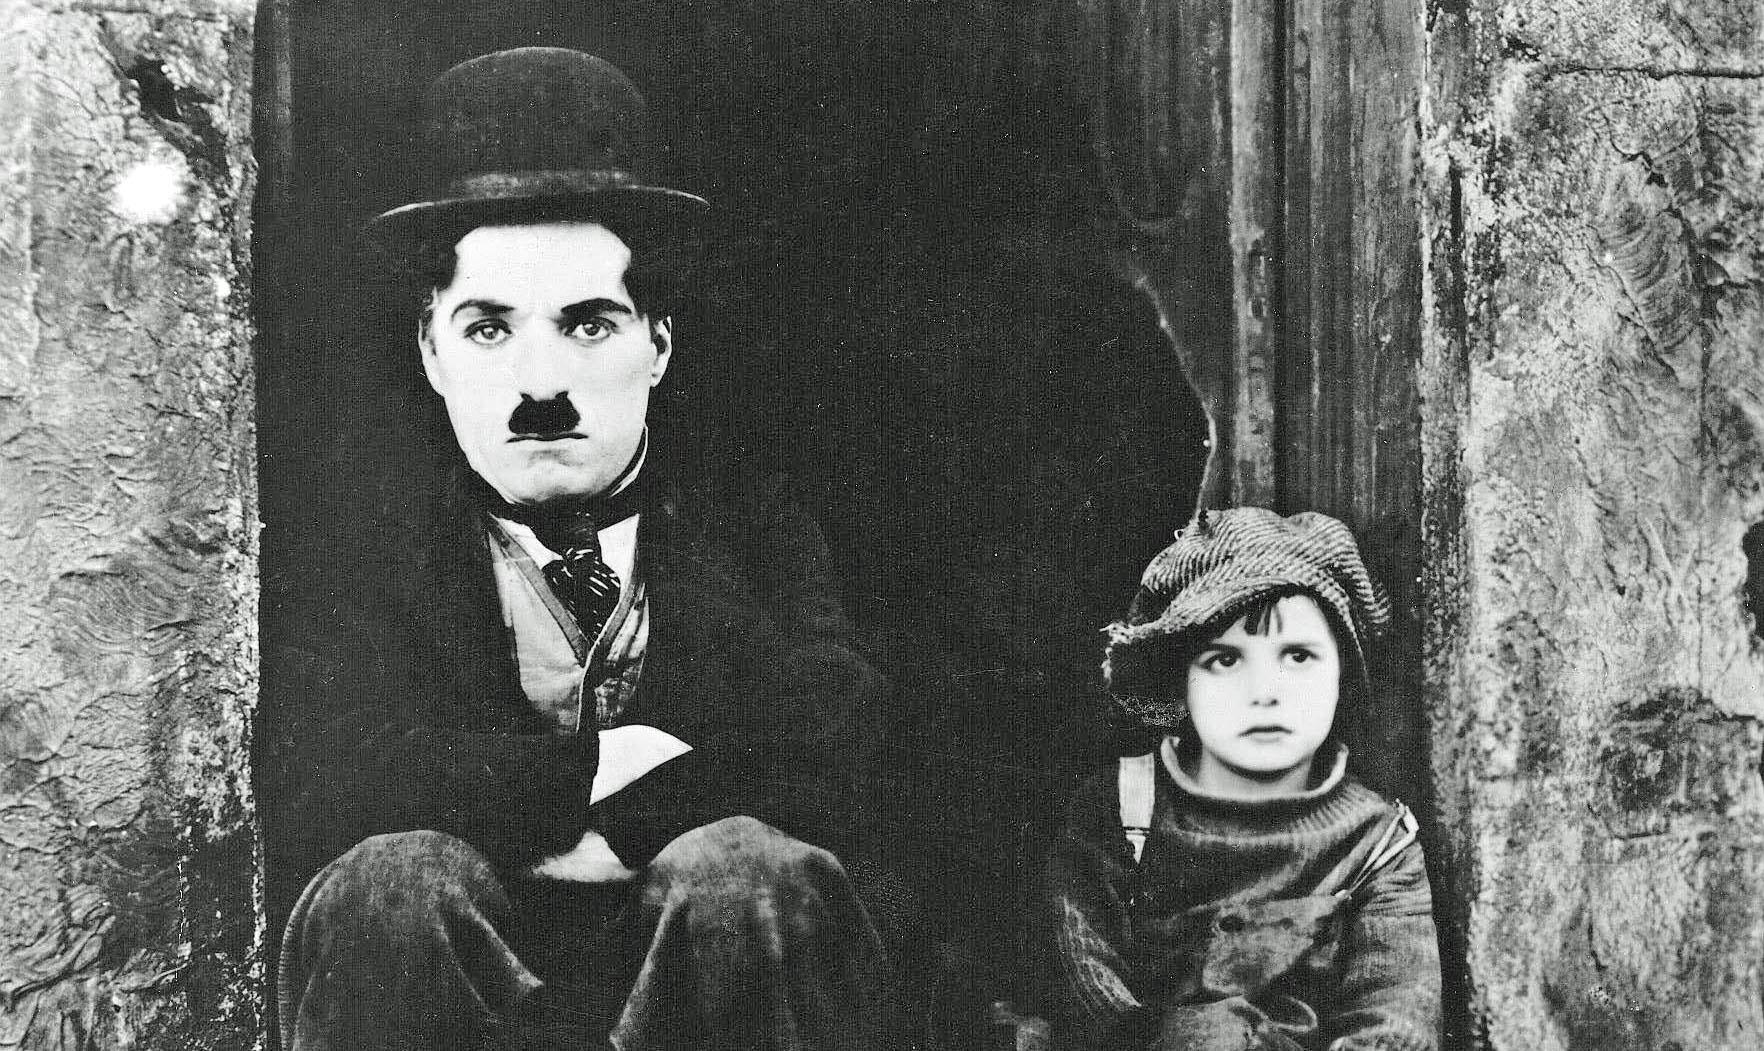 Il Monello di Charlie Chaplin diventerà un remake animato fantascientifico thumbnail